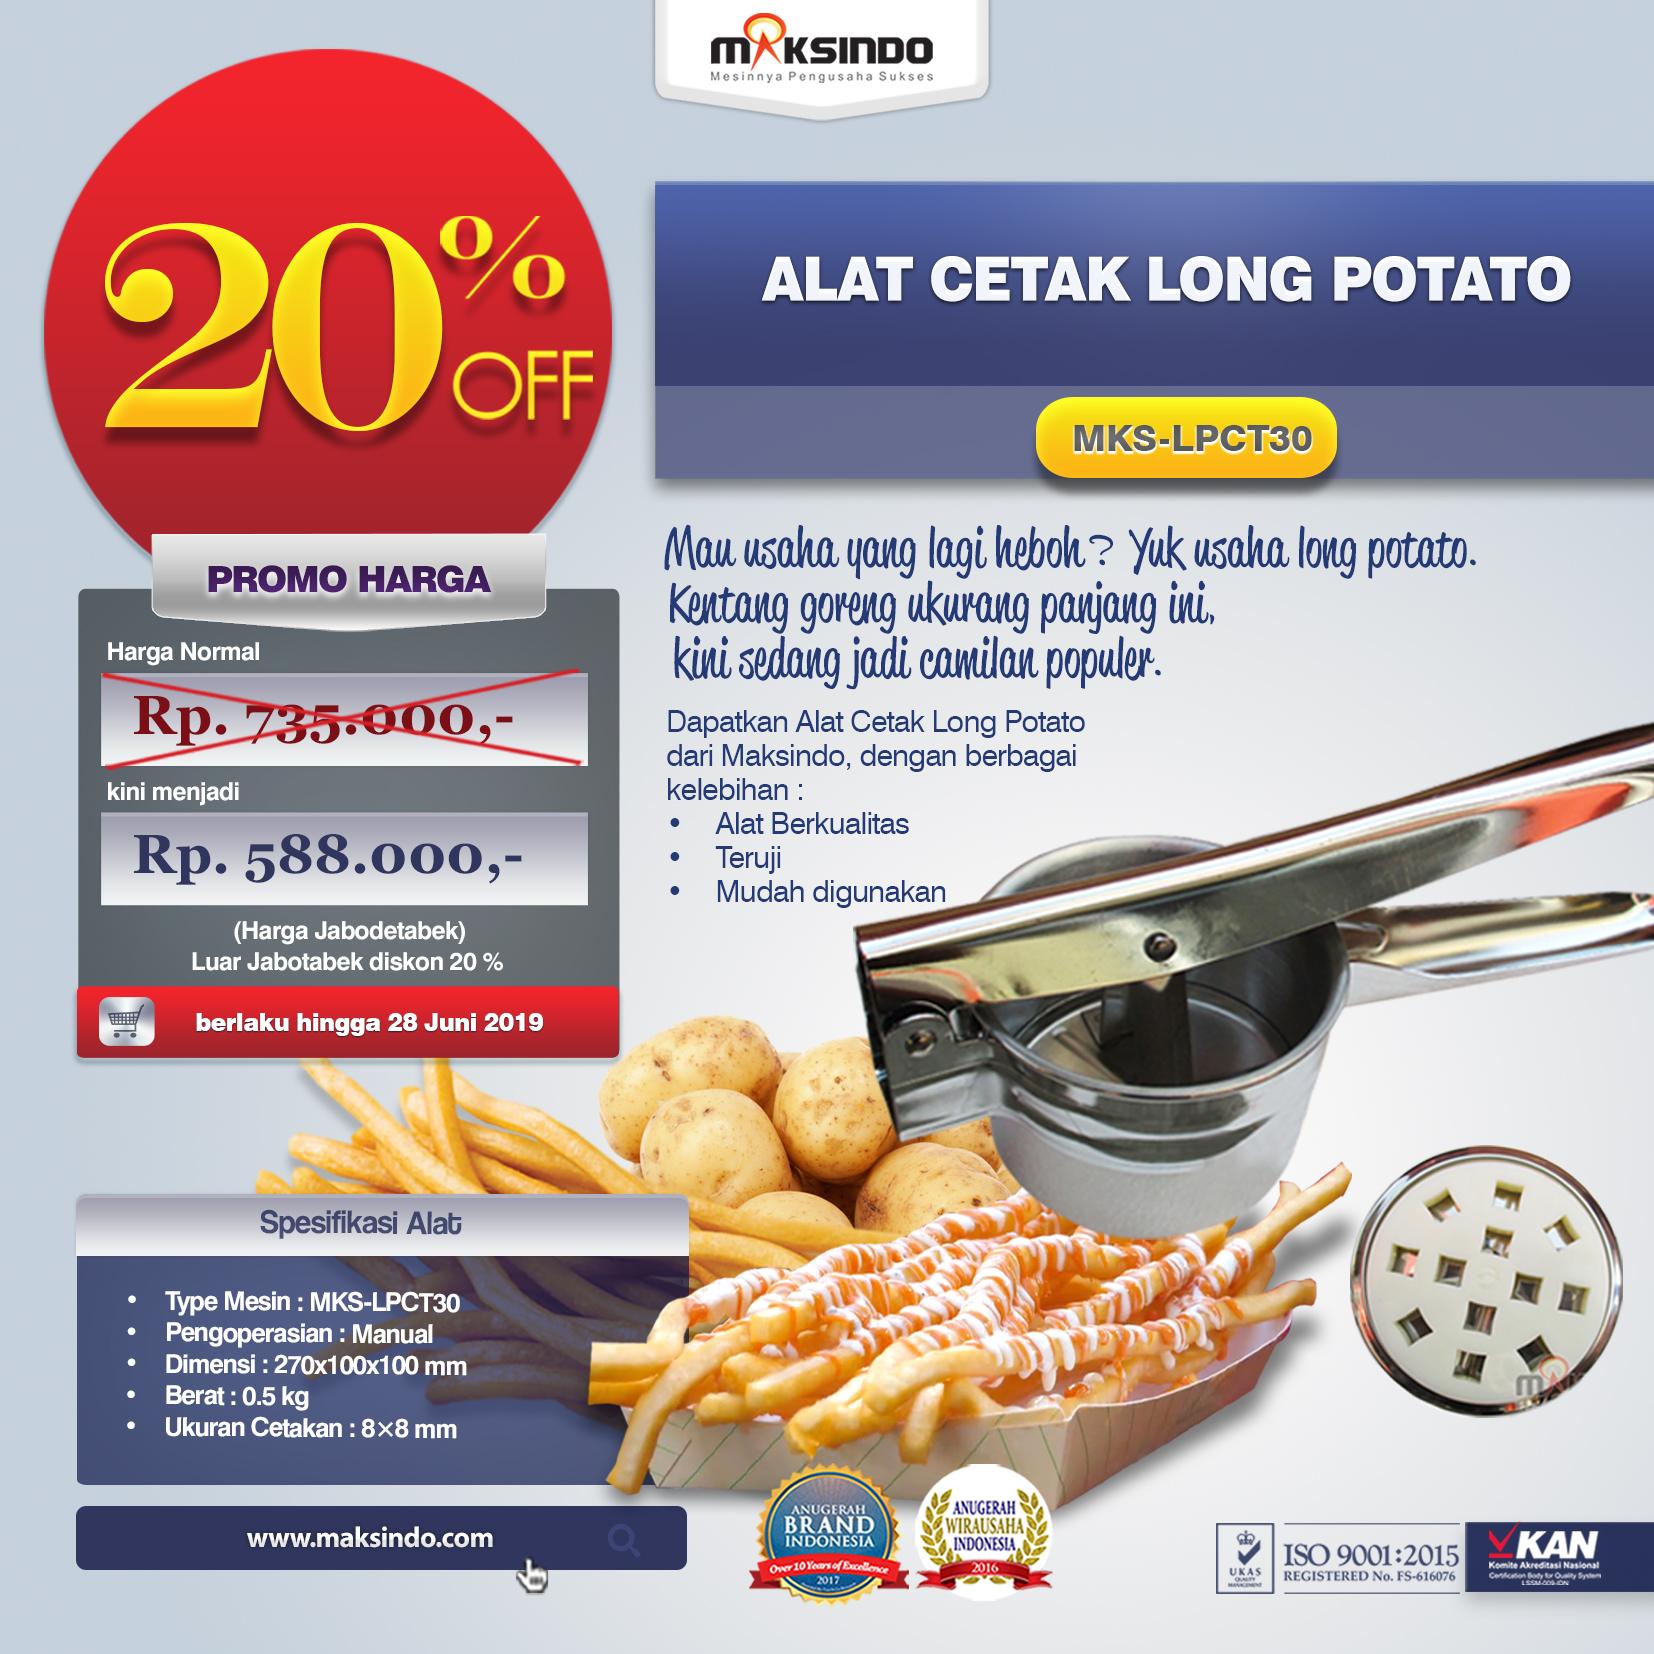 MKS-LPCT30 Alat Cetak Long Potato